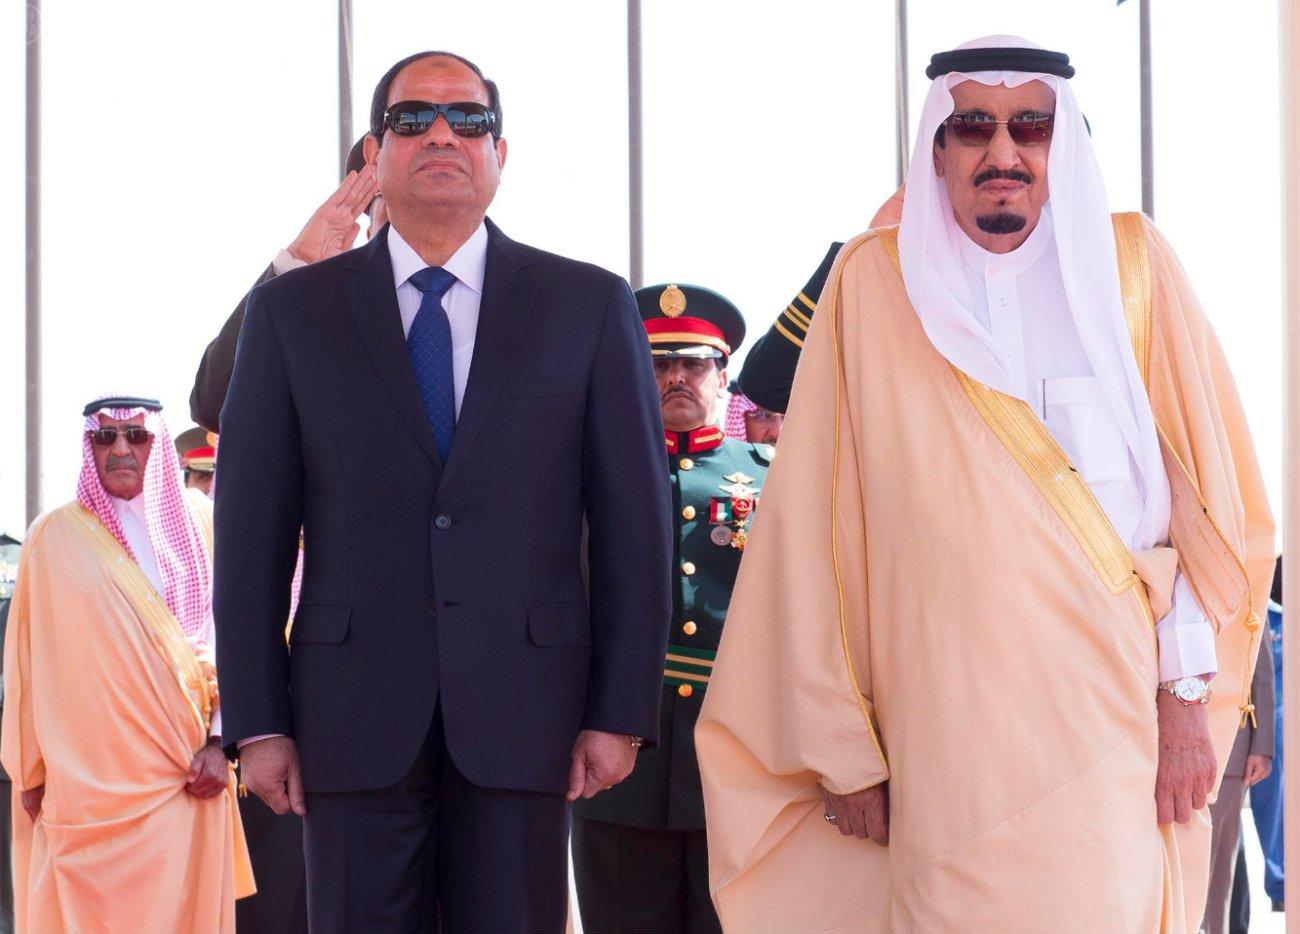 السعودية تجمد اتفاقيات عقارية مع مصر بنحو 23 مليار دولار